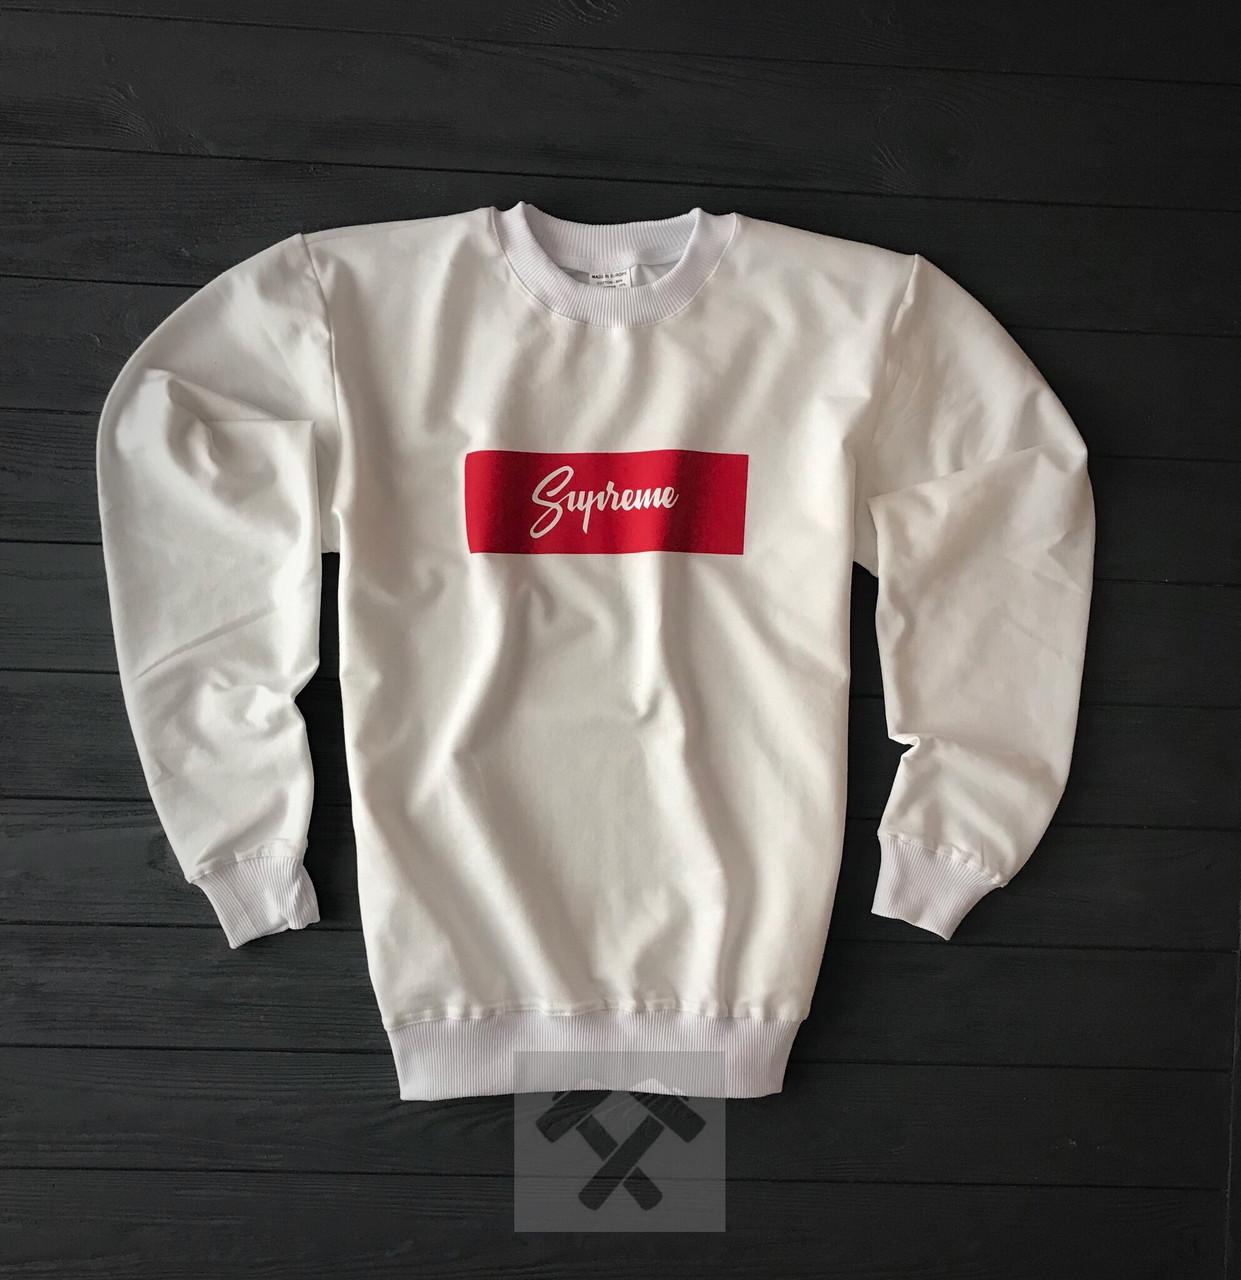 Світшот білий Supreme з червоно-білим логотипом топ-репліка